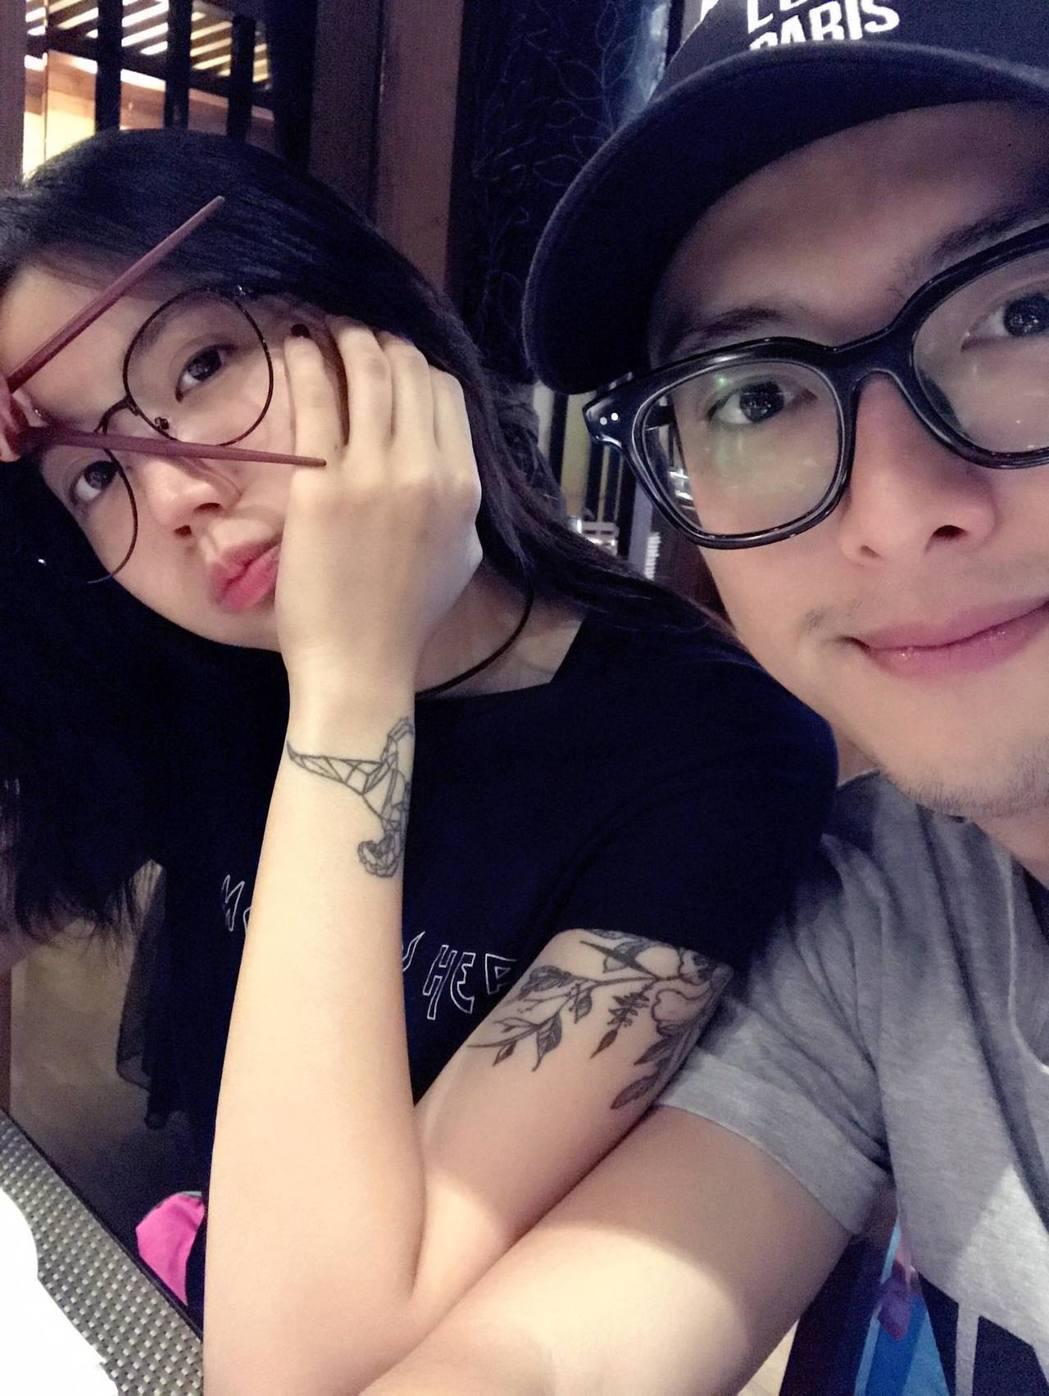 陳艾琳離婚後似乎迅速有了新戀情。 圖/擷自陳艾琳臉書